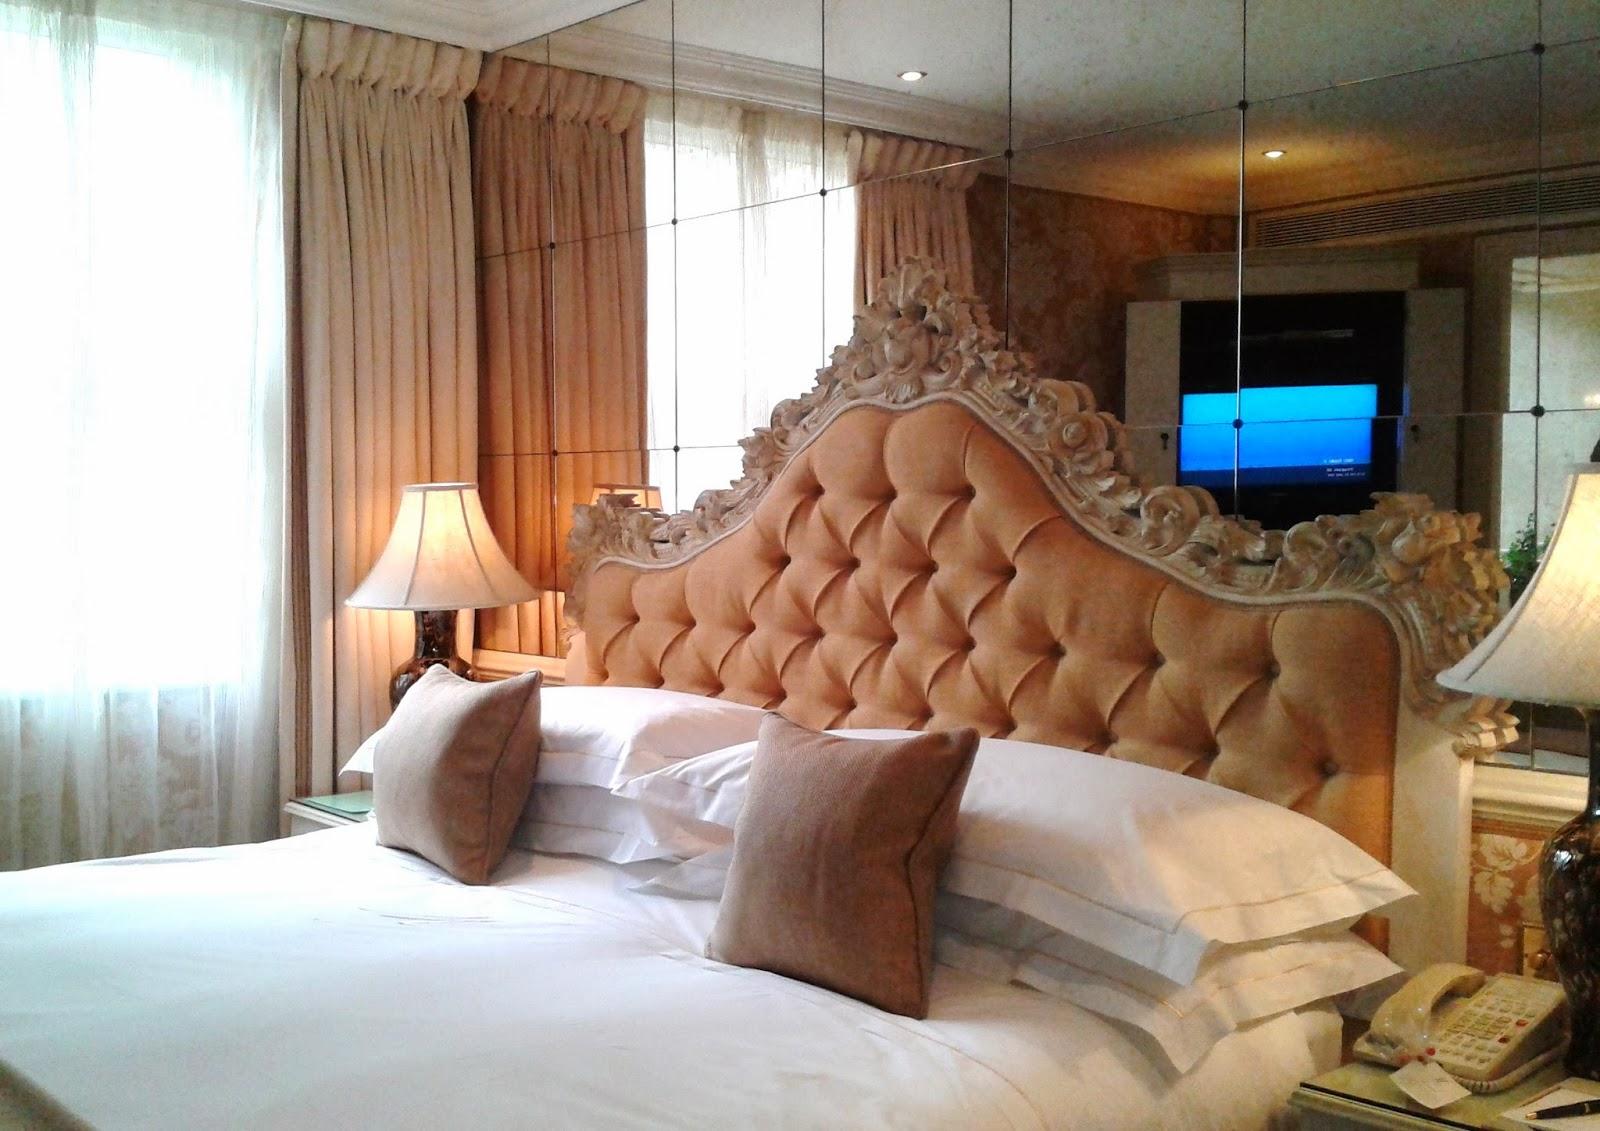 room in Milestone hotel, London